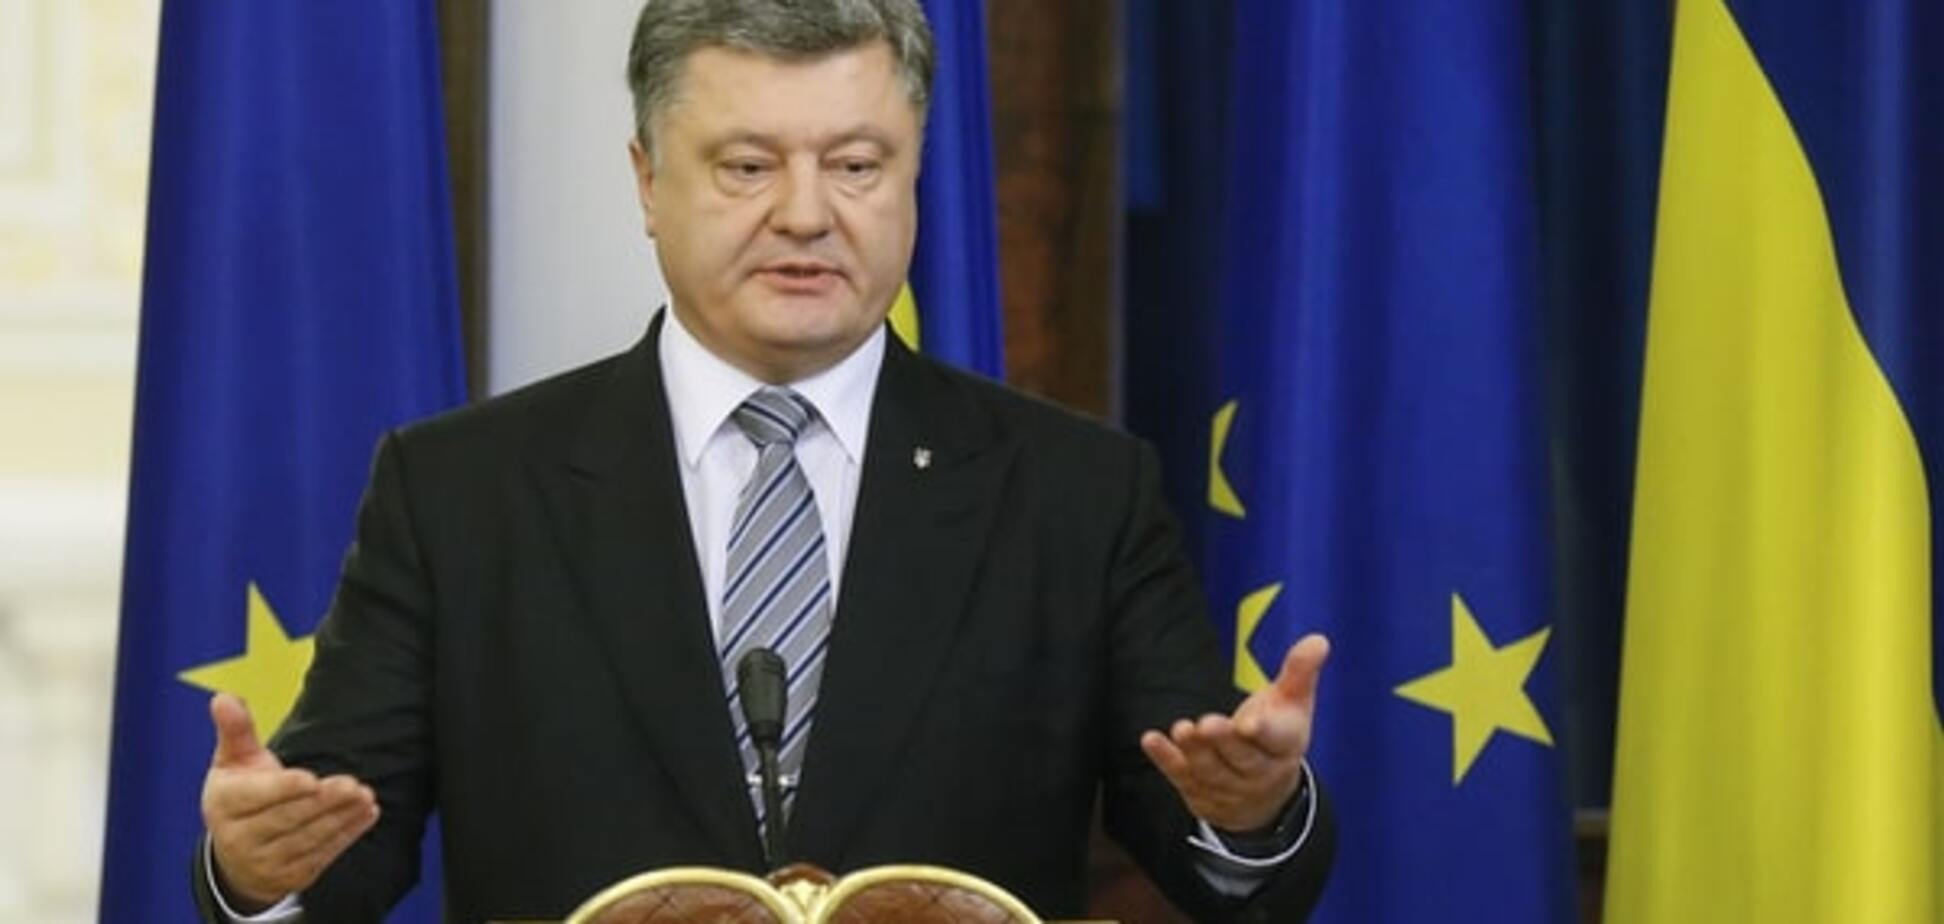 Росія пішла на розкол Європи - Порошенко